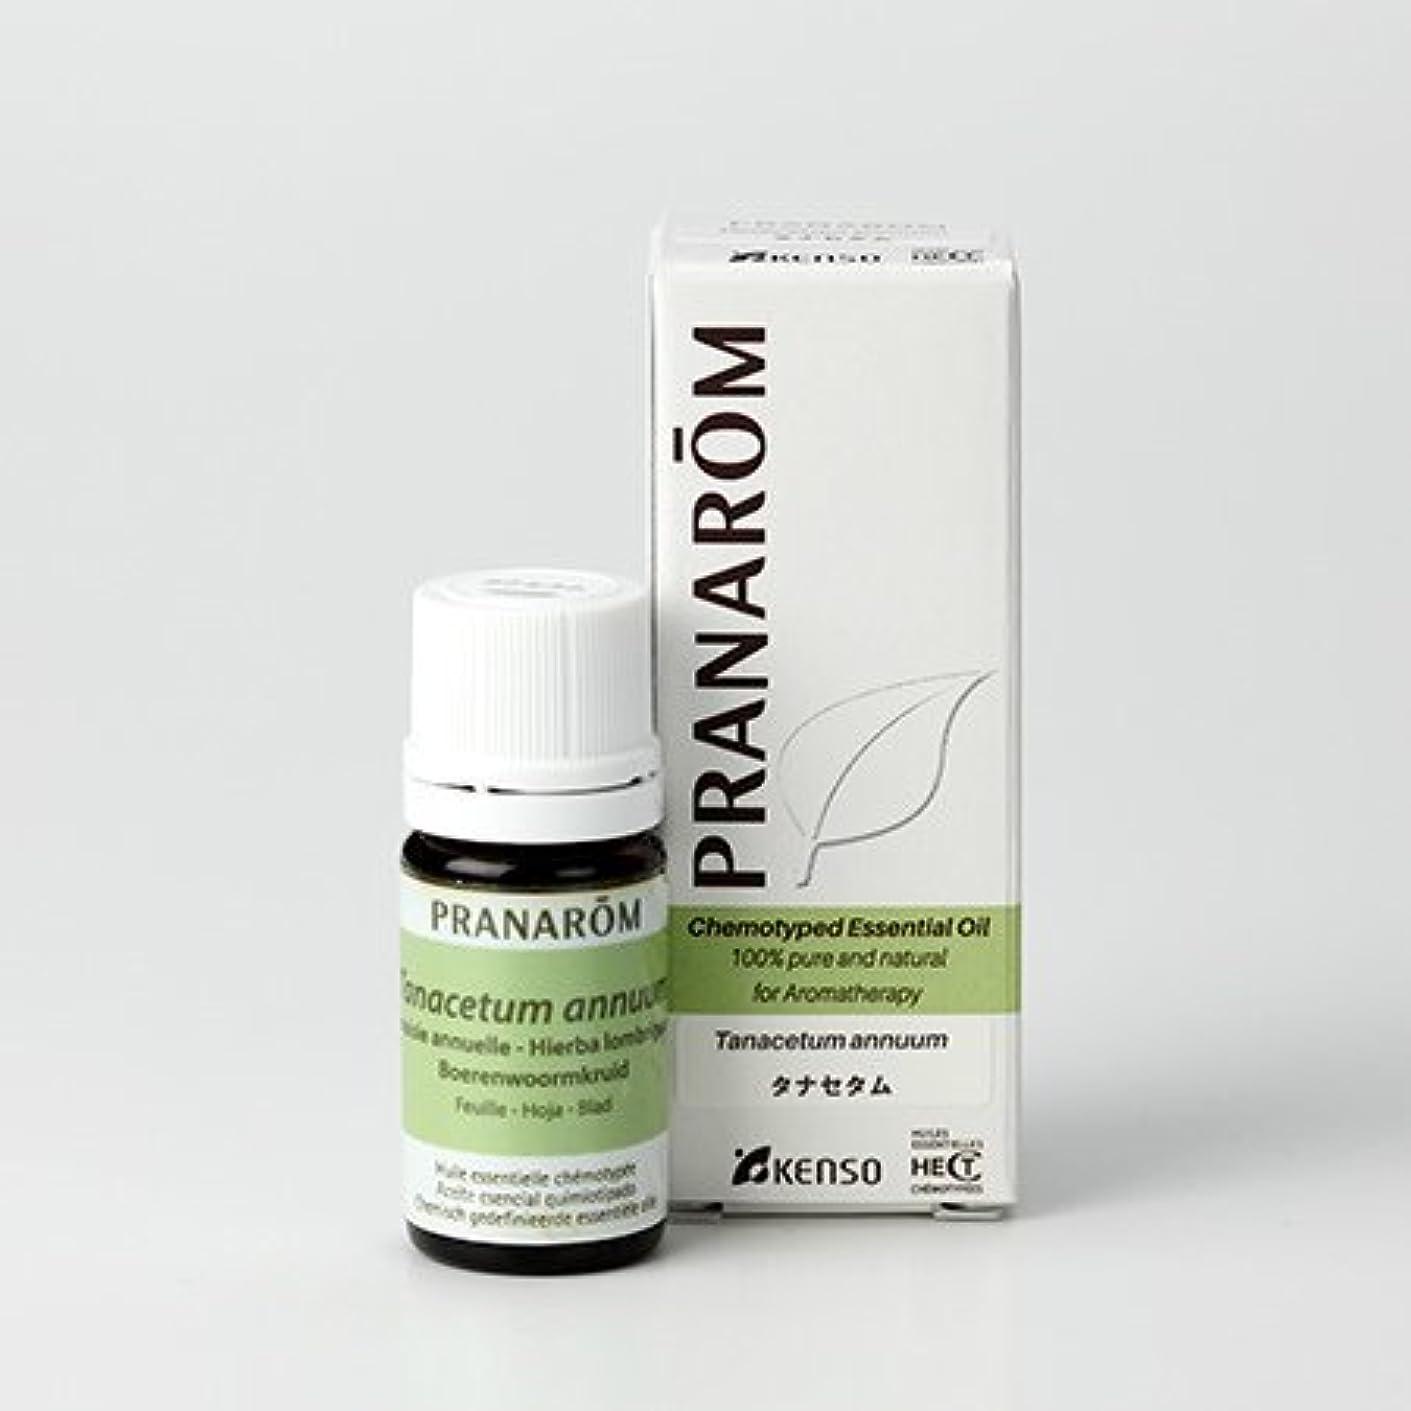 浴室満足委任【タナセタム 5ml】→甘みのある、濃厚でフルーティな香り?(リラックスハーブ系)[PRANAROM(プラナロム)精油/アロマオイル/エッセンシャルオイル]P-173